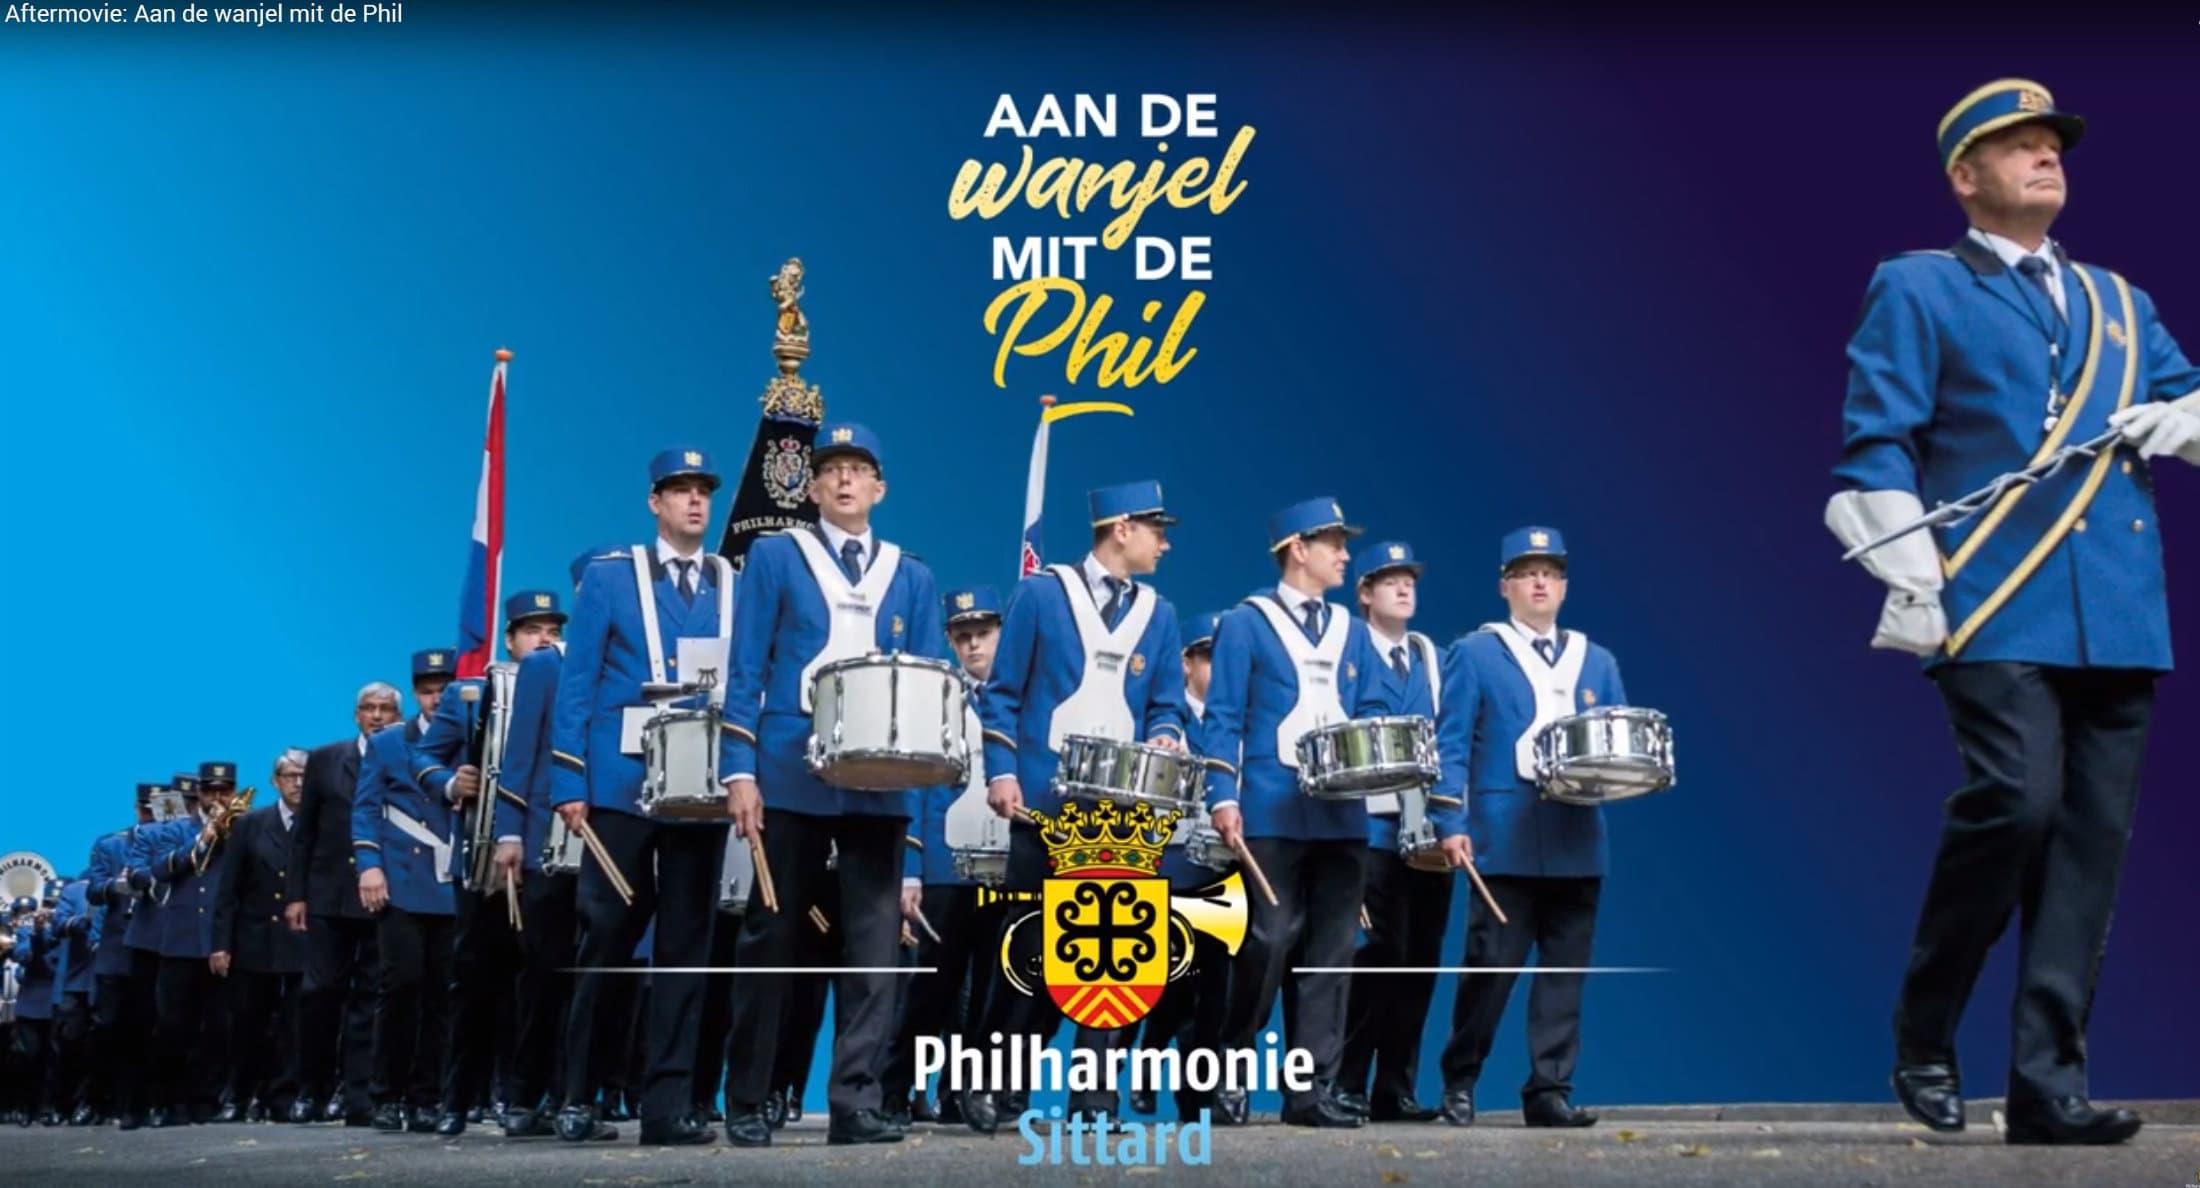 Aan de wanjel mit De Phil 2019